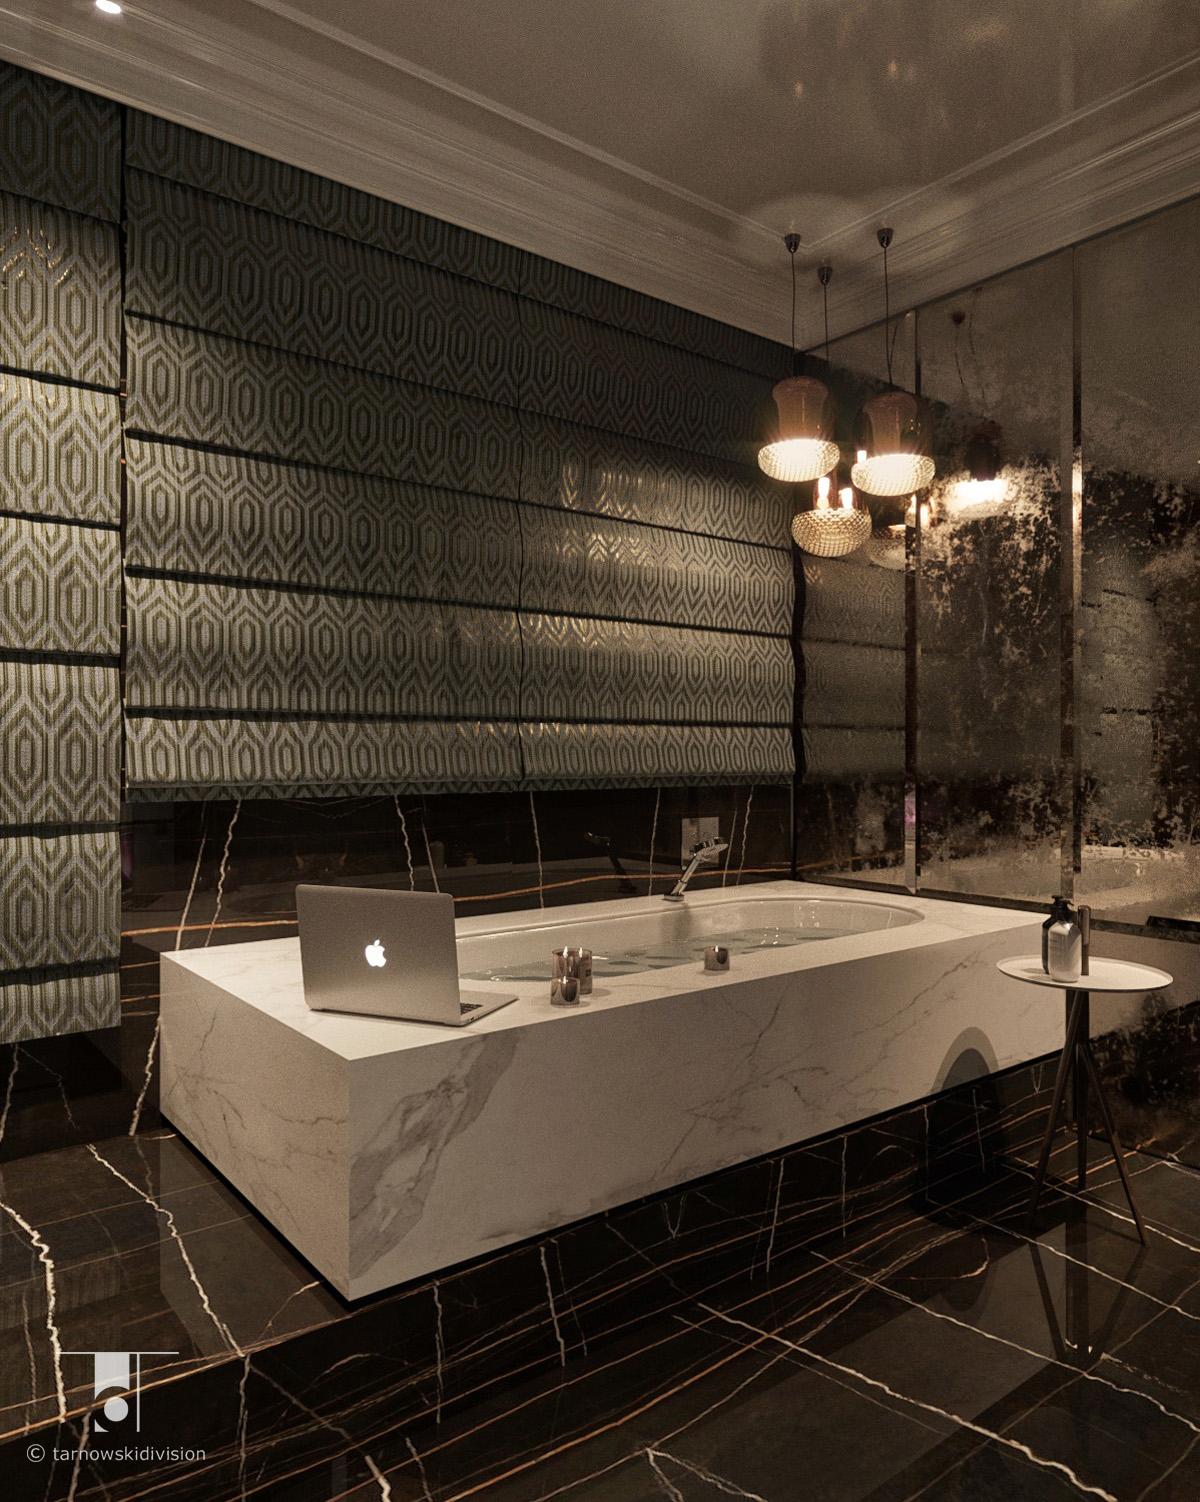 luksusowa łazienka projekt wnętrz łazienki wystrój wnętrz luxury bathroom interior design_tarnowski division